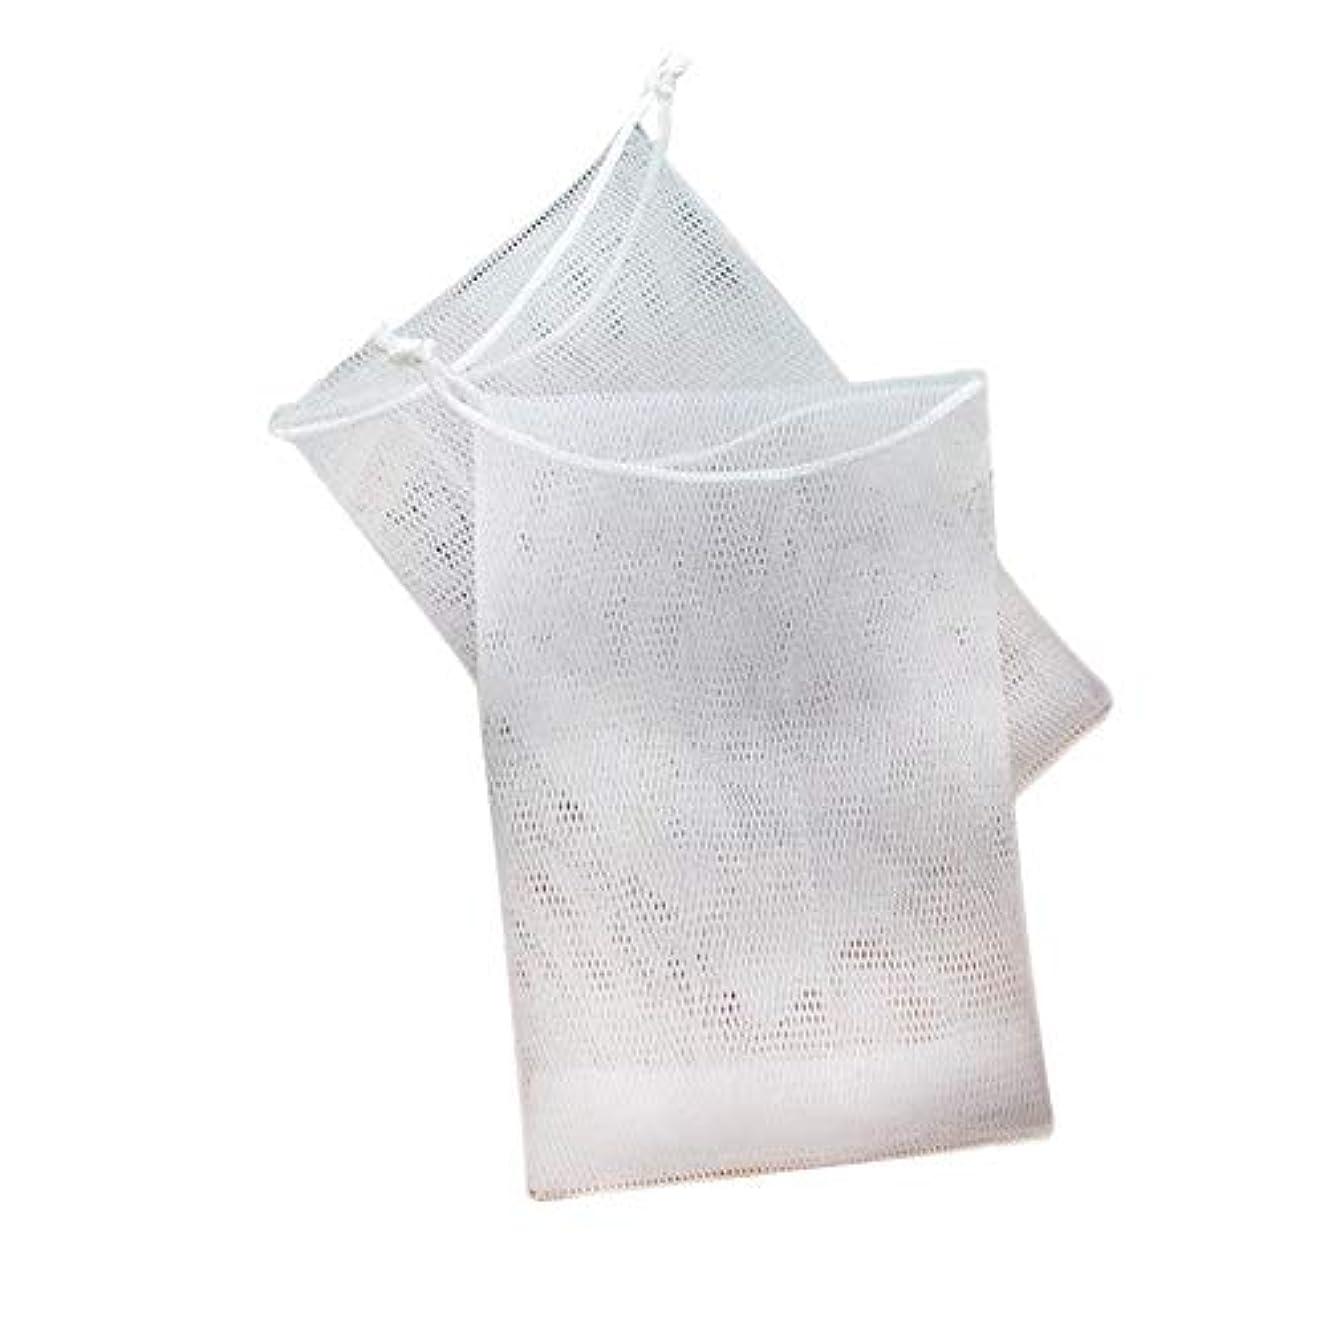 ハミングバード分類いつ石鹸の袋の網のドローストリング袋は ハンドメイドの石鹸の泡泡ネットメーカーのために掛けることができます 12×9cm